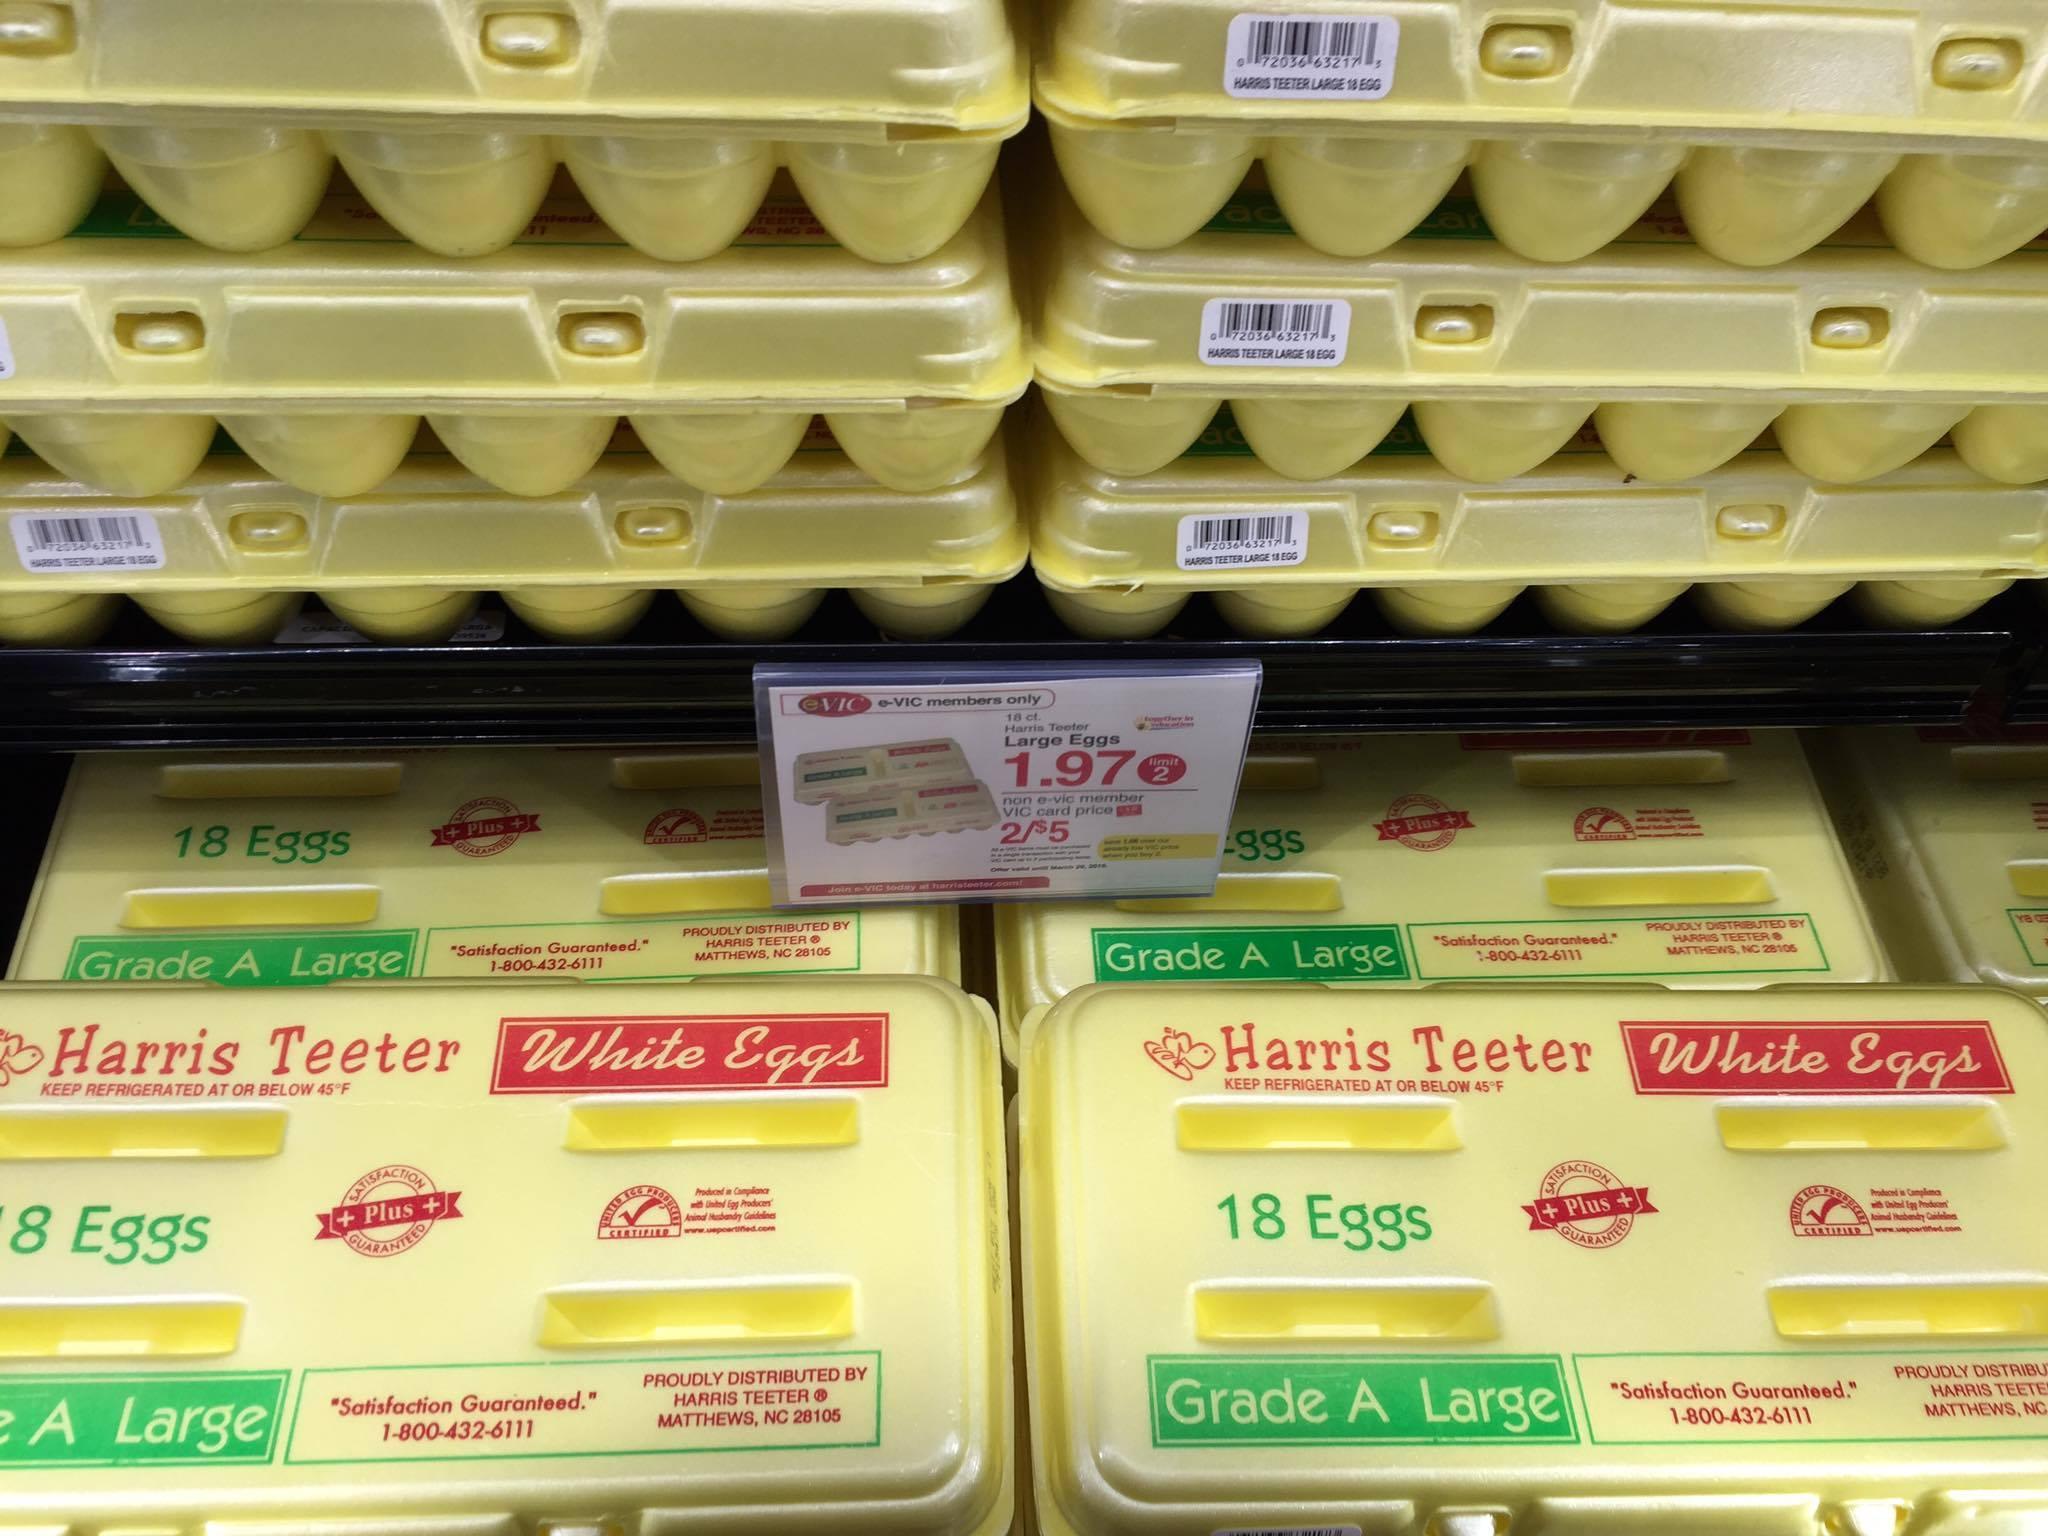 HT eggs